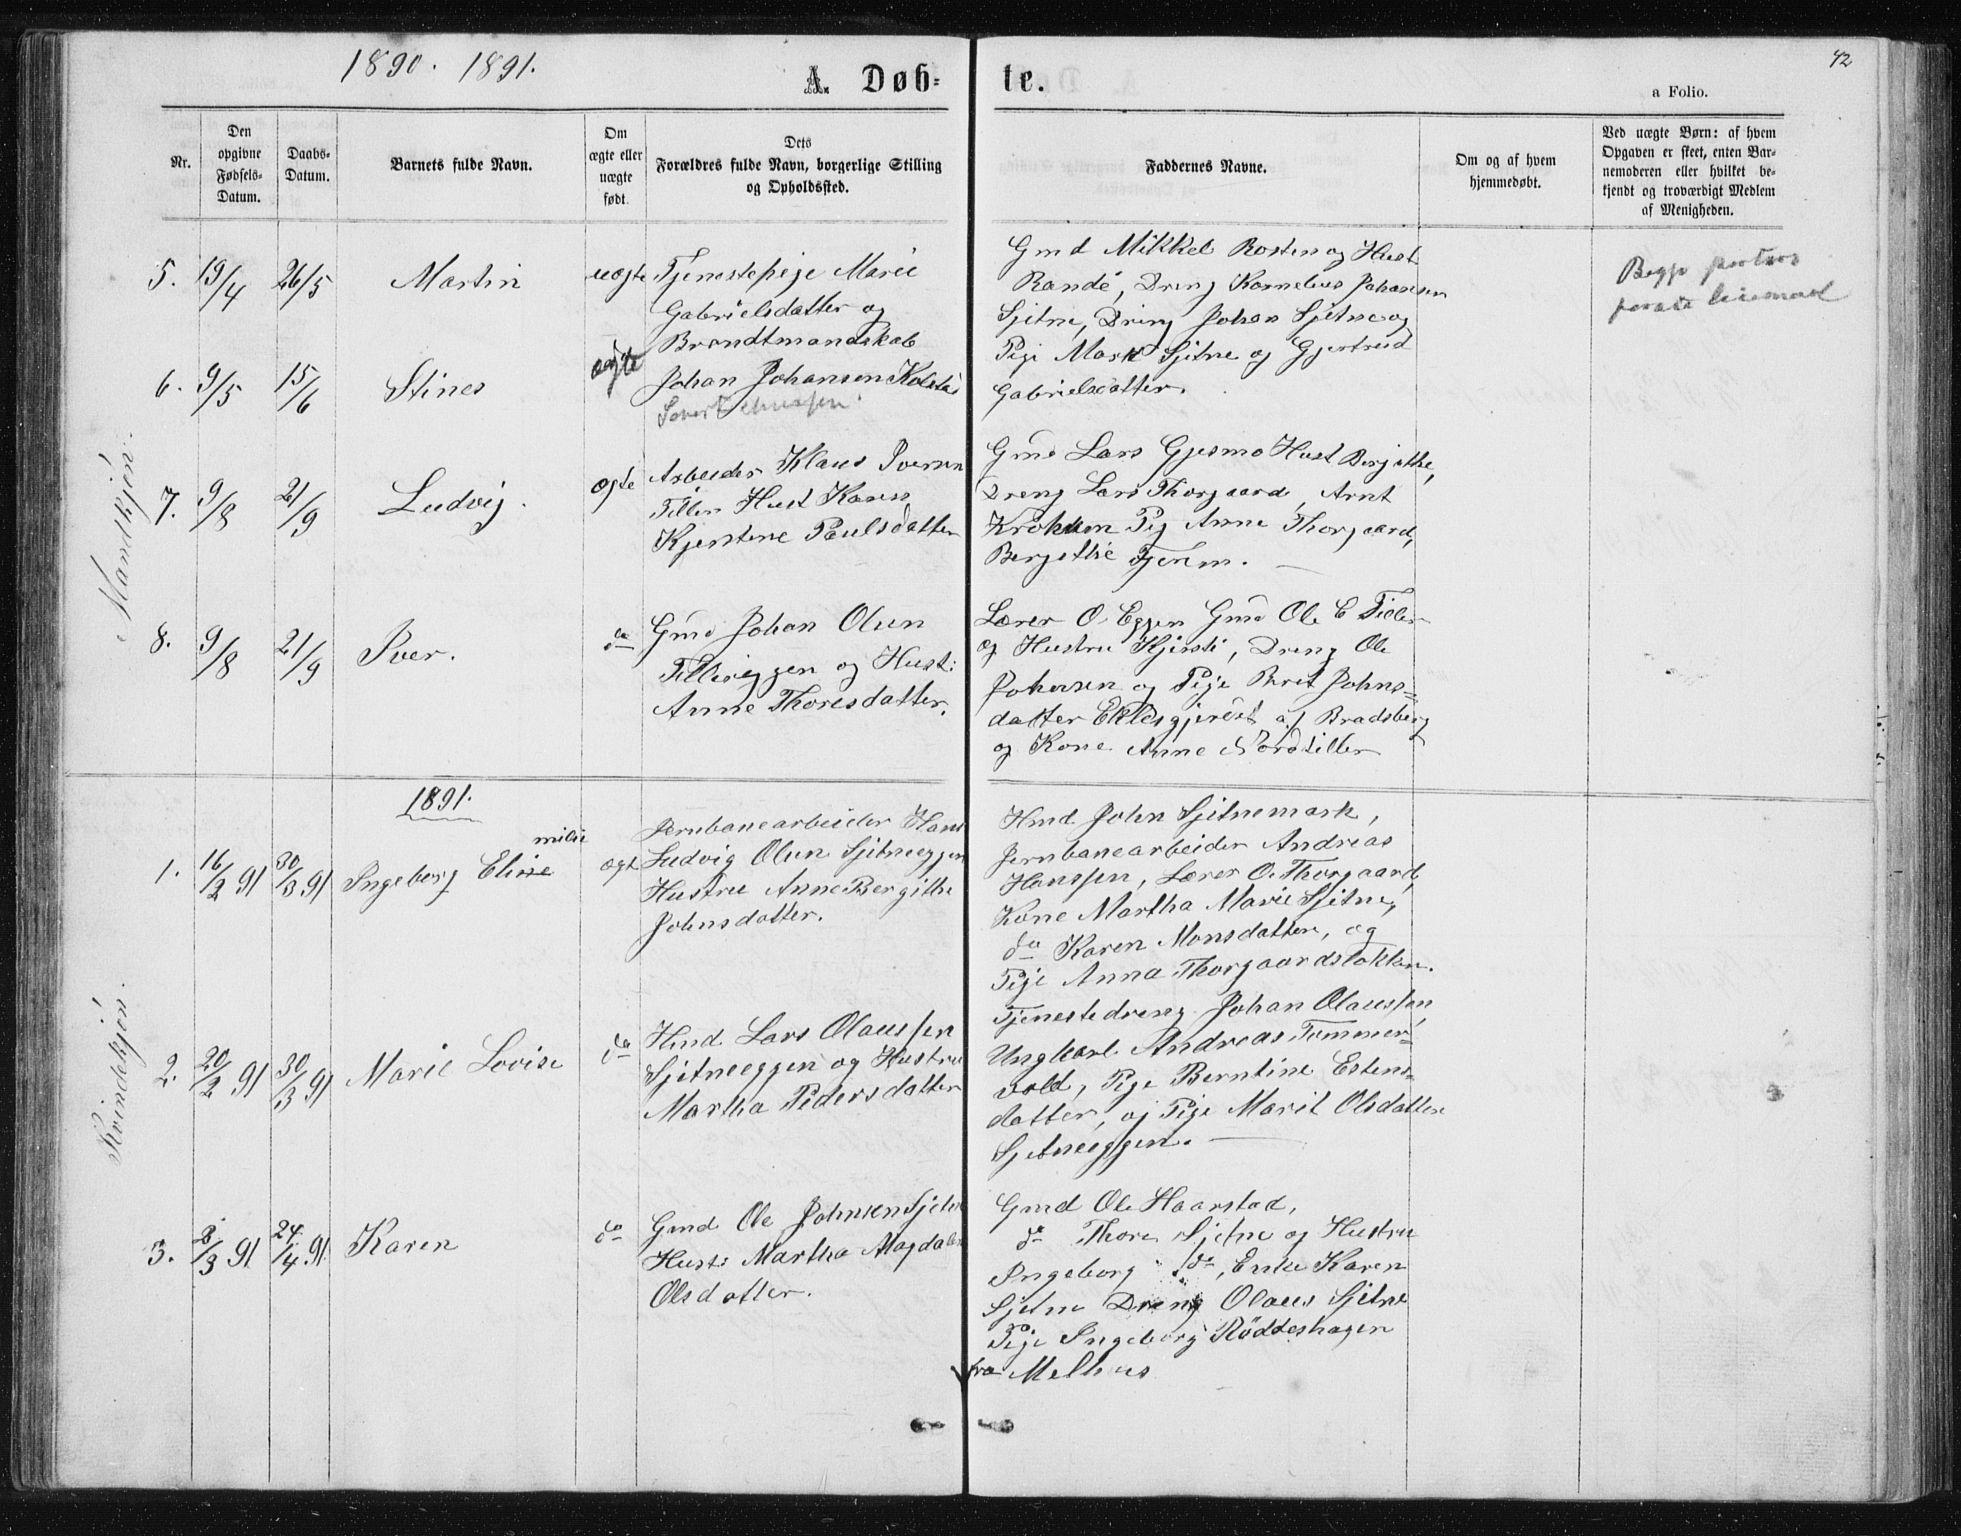 SAT, Ministerialprotokoller, klokkerbøker og fødselsregistre - Sør-Trøndelag, 621/L0459: Klokkerbok nr. 621C02, 1866-1895, s. 42